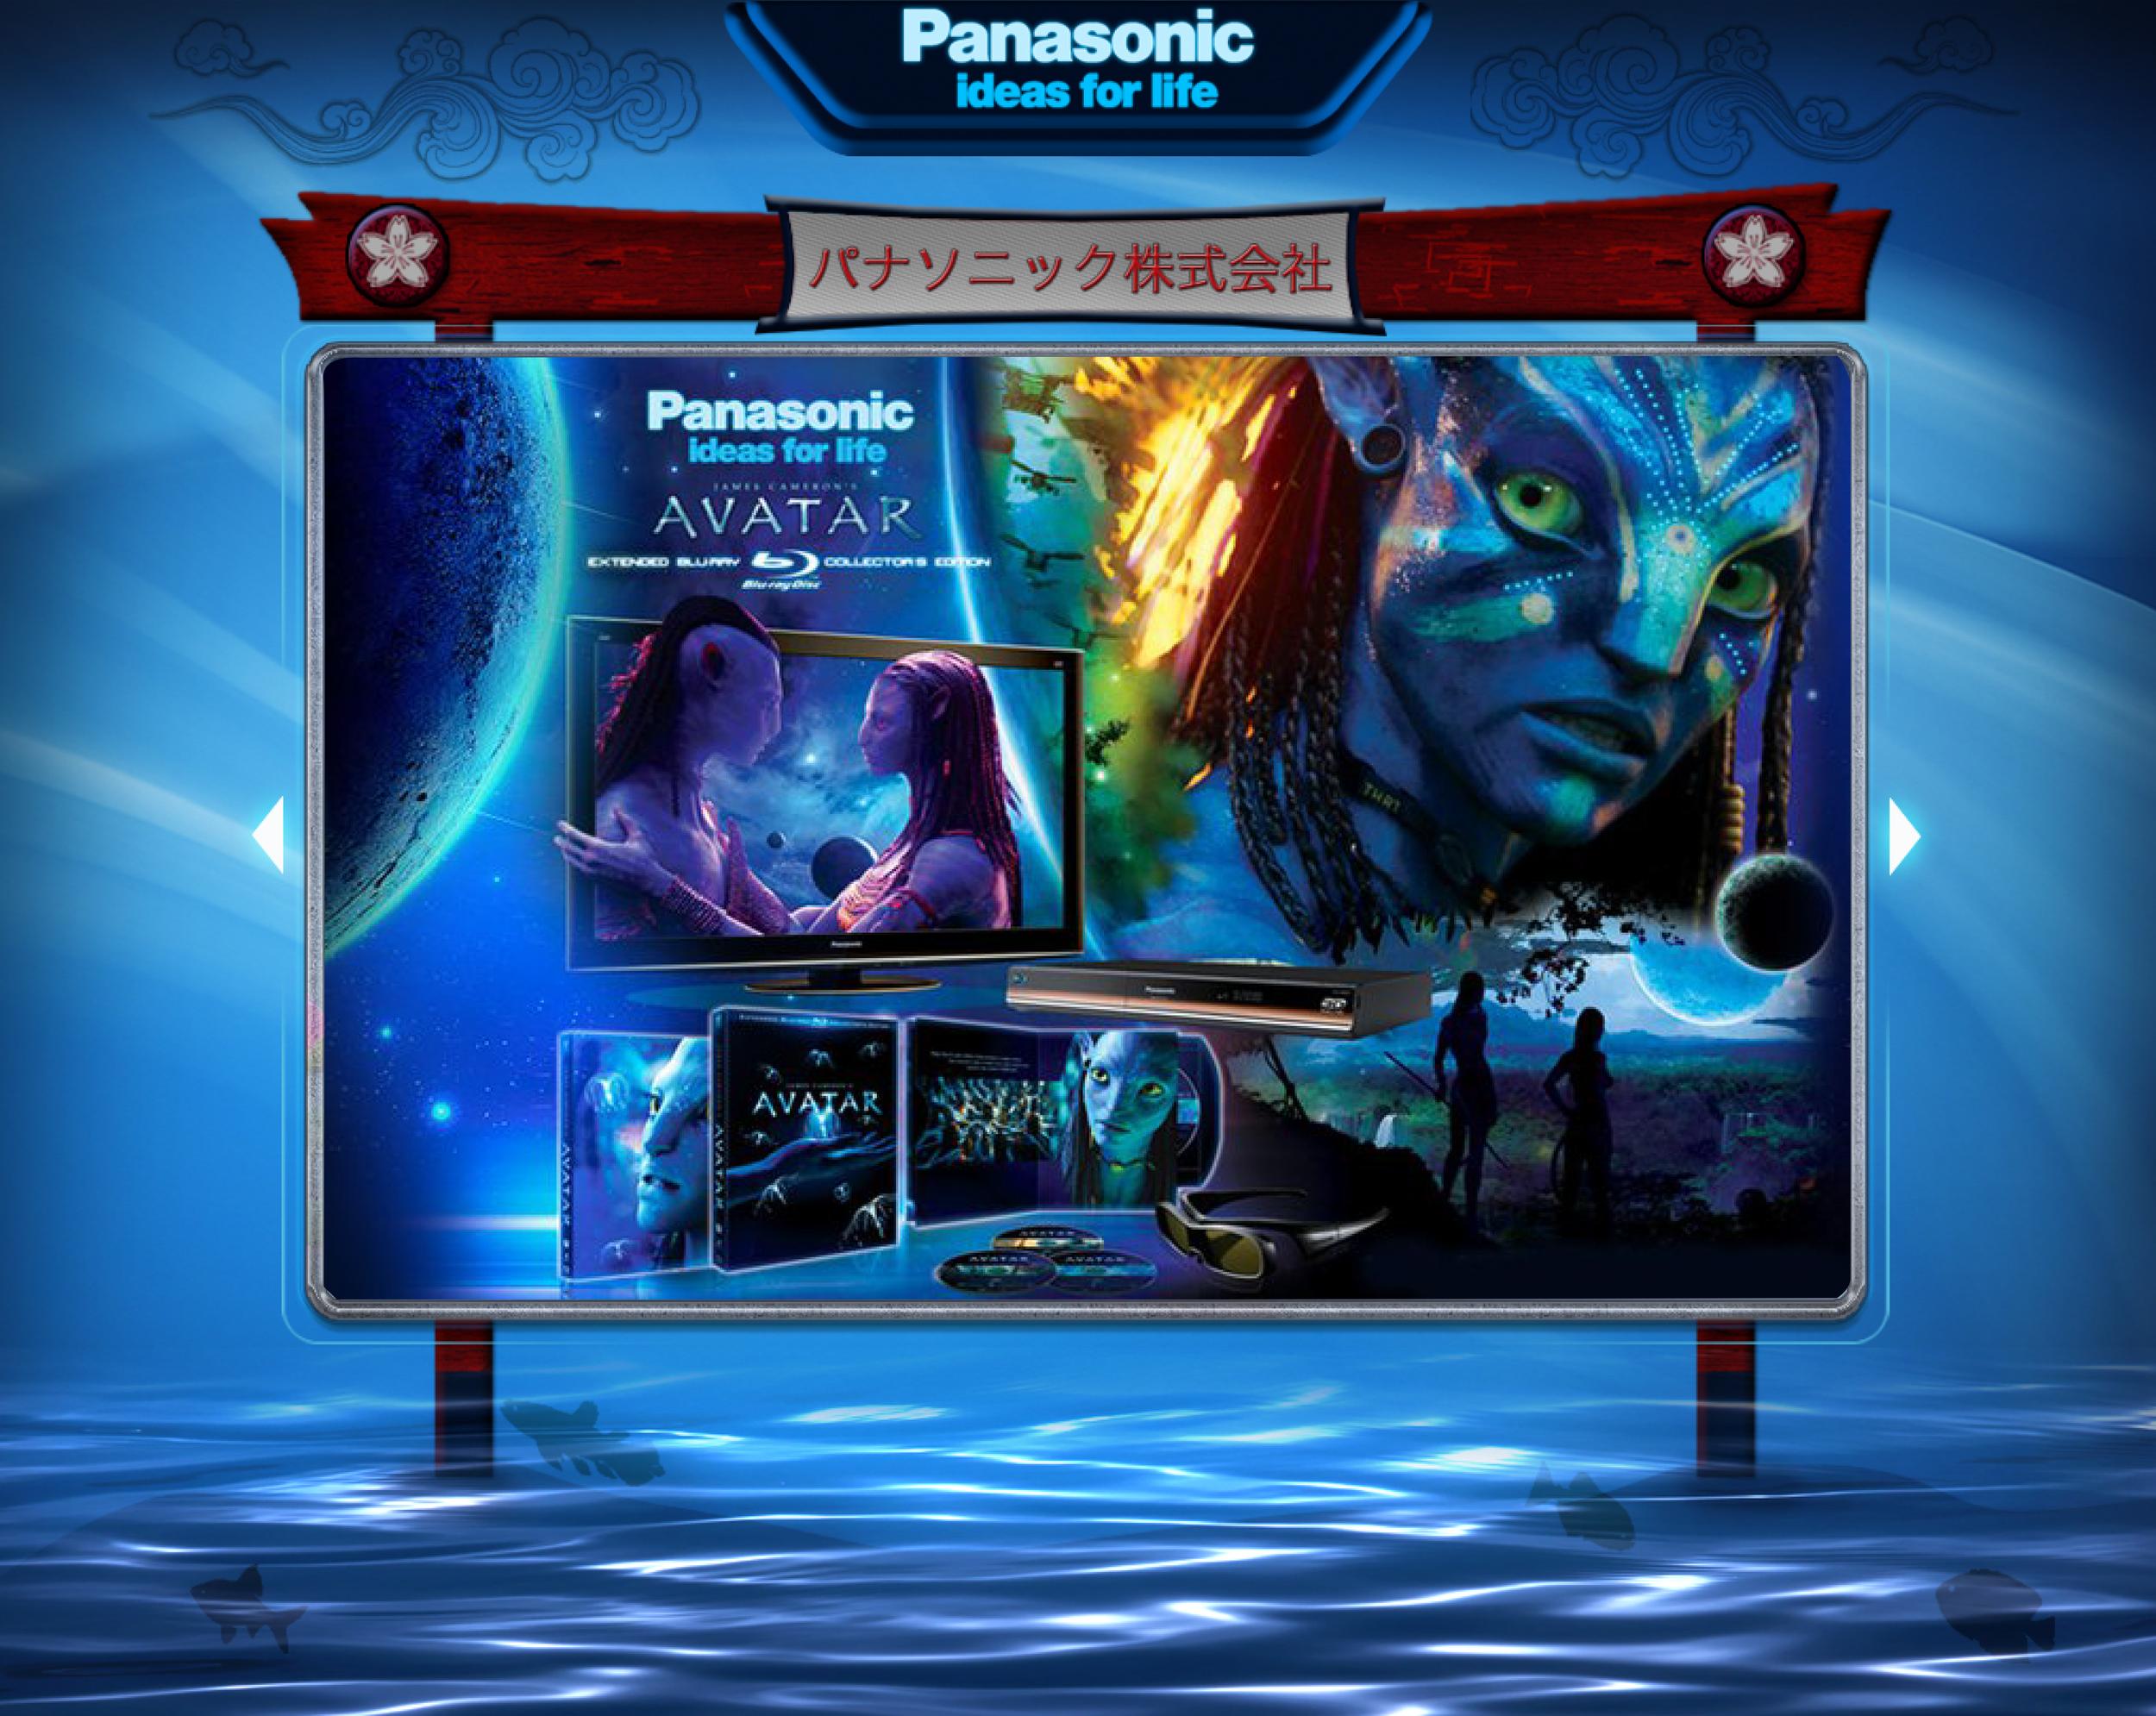 Panasonic_5_HarleyDesign.png